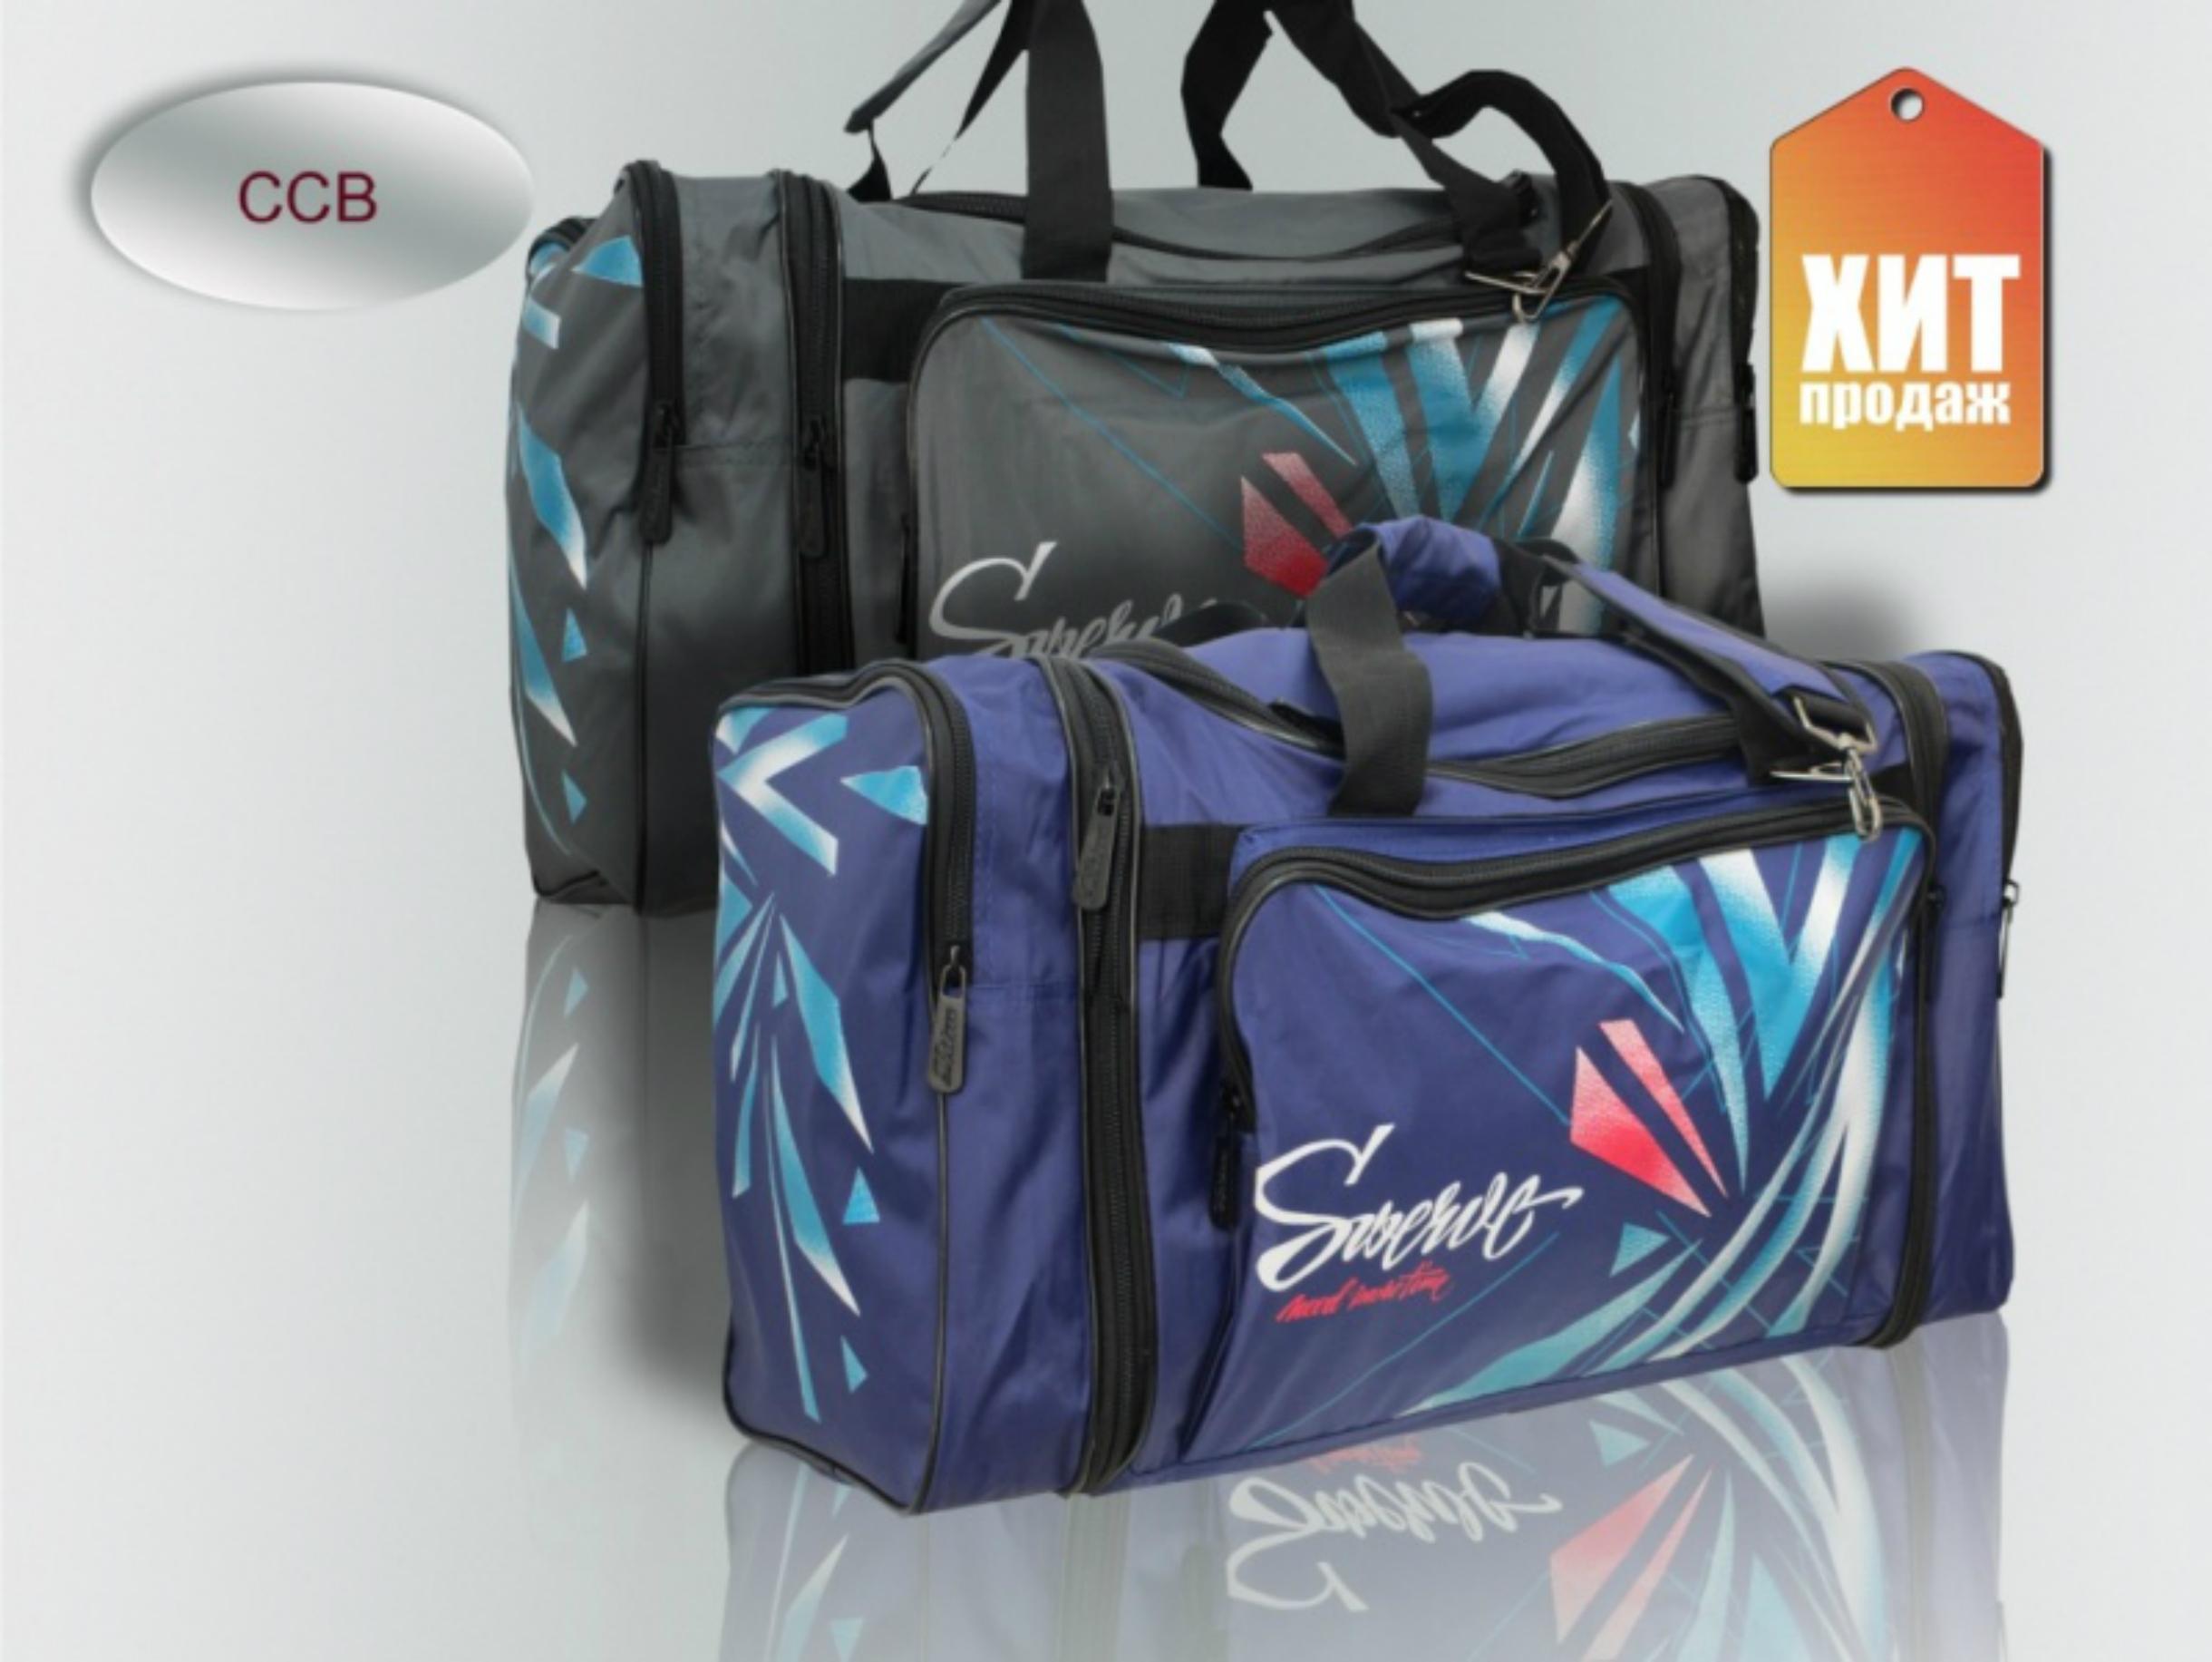 Сбор заказов. Таких цен нет нигде! Сумки дорожные, сумки спортивные, сумки для фитнеса - удобные и вместительные! - 7